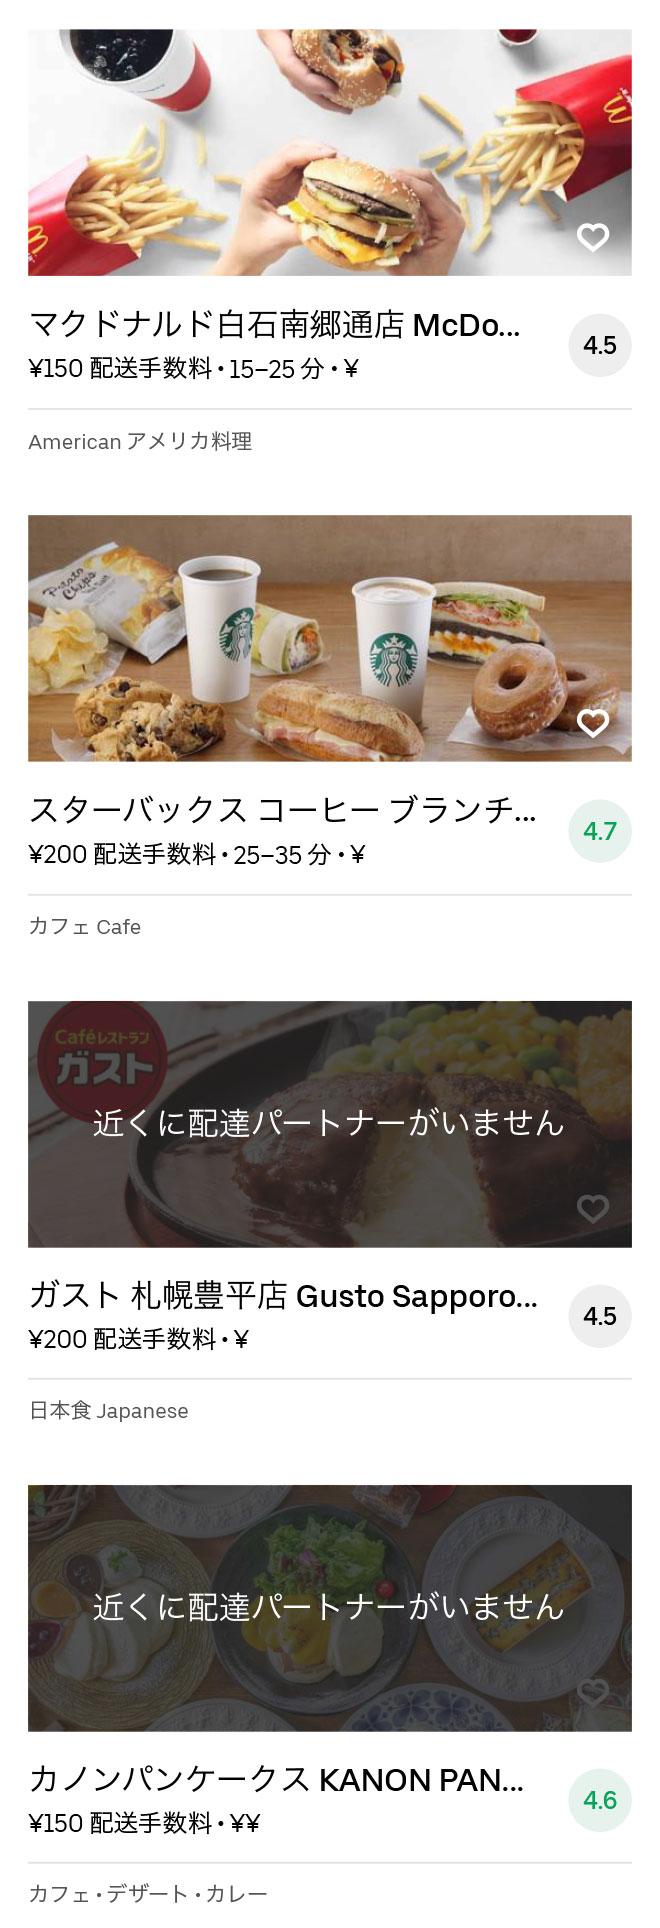 Nango7 menu 2008 05